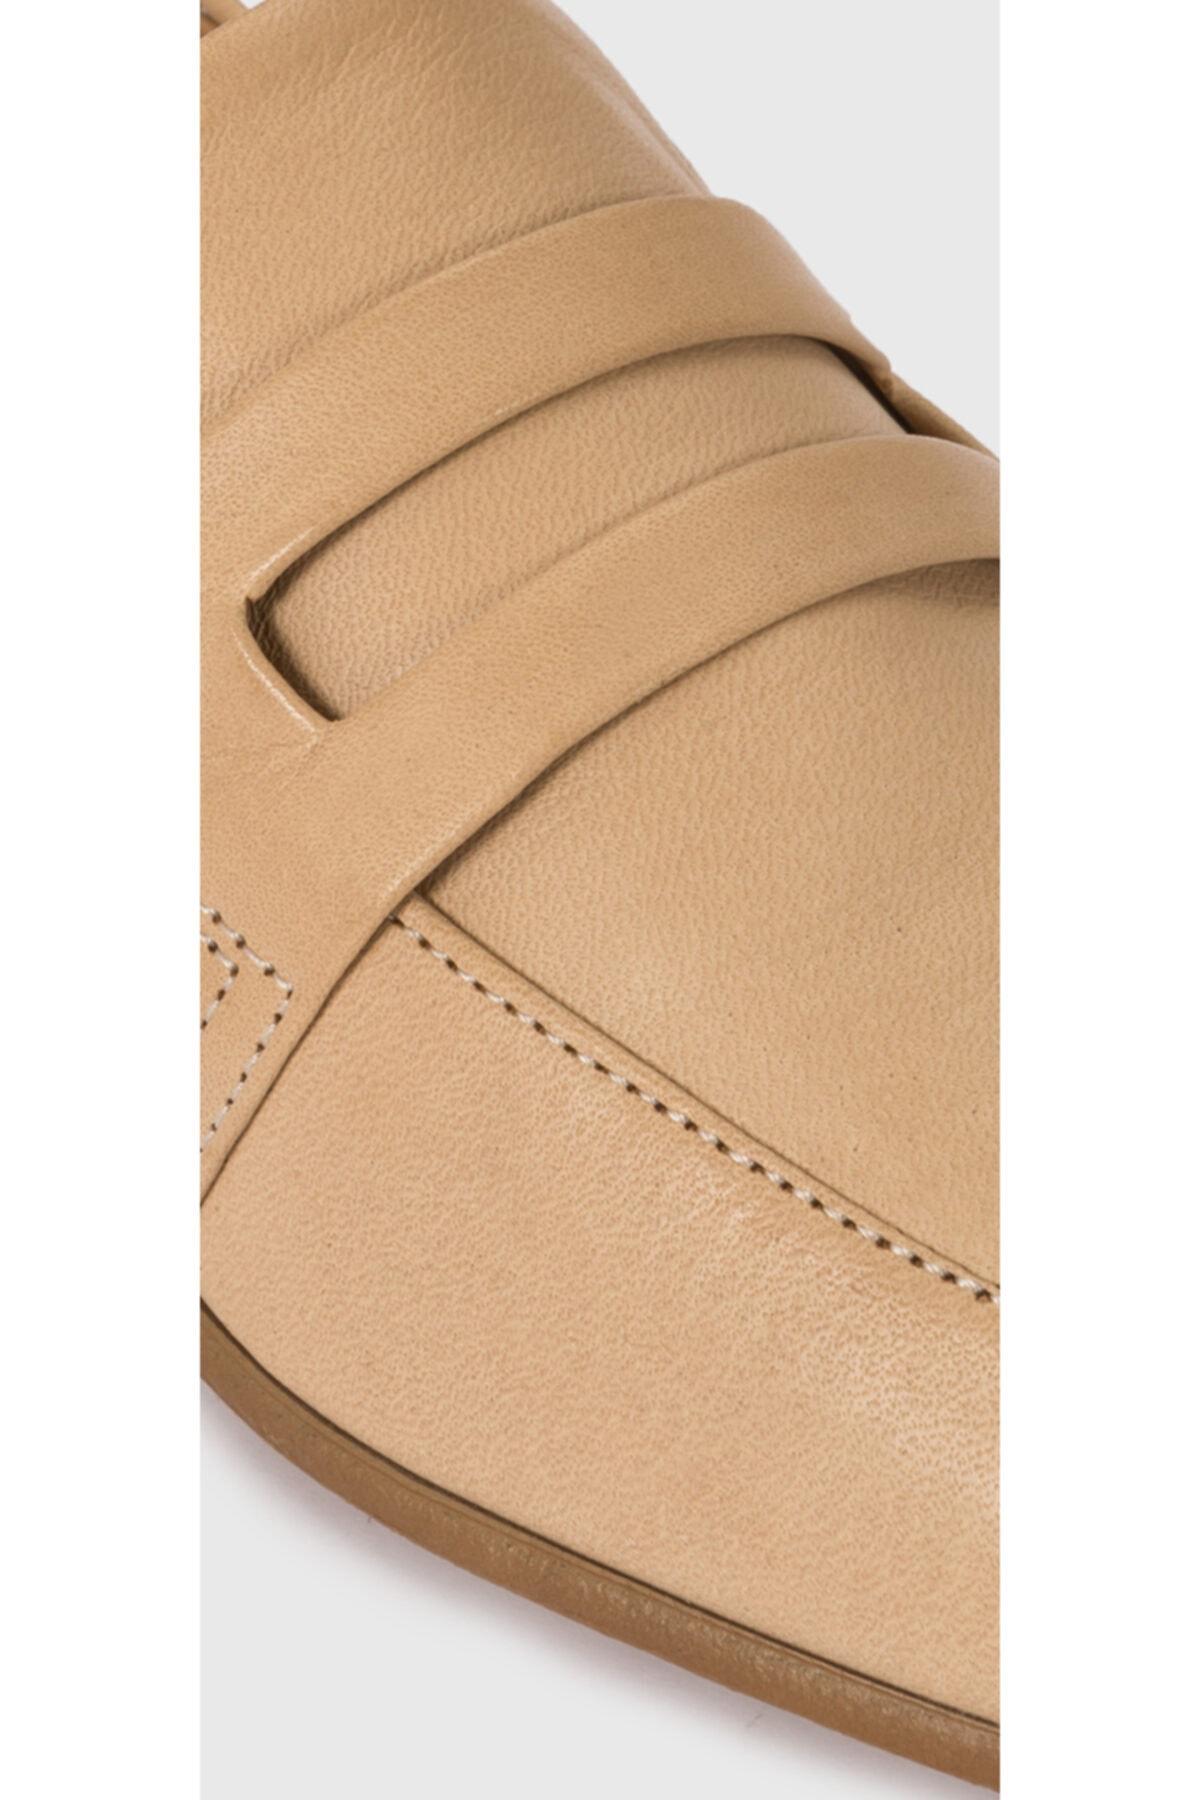 Aldo Kadın Taba Yuvılle Loafer Ayakkabı 2